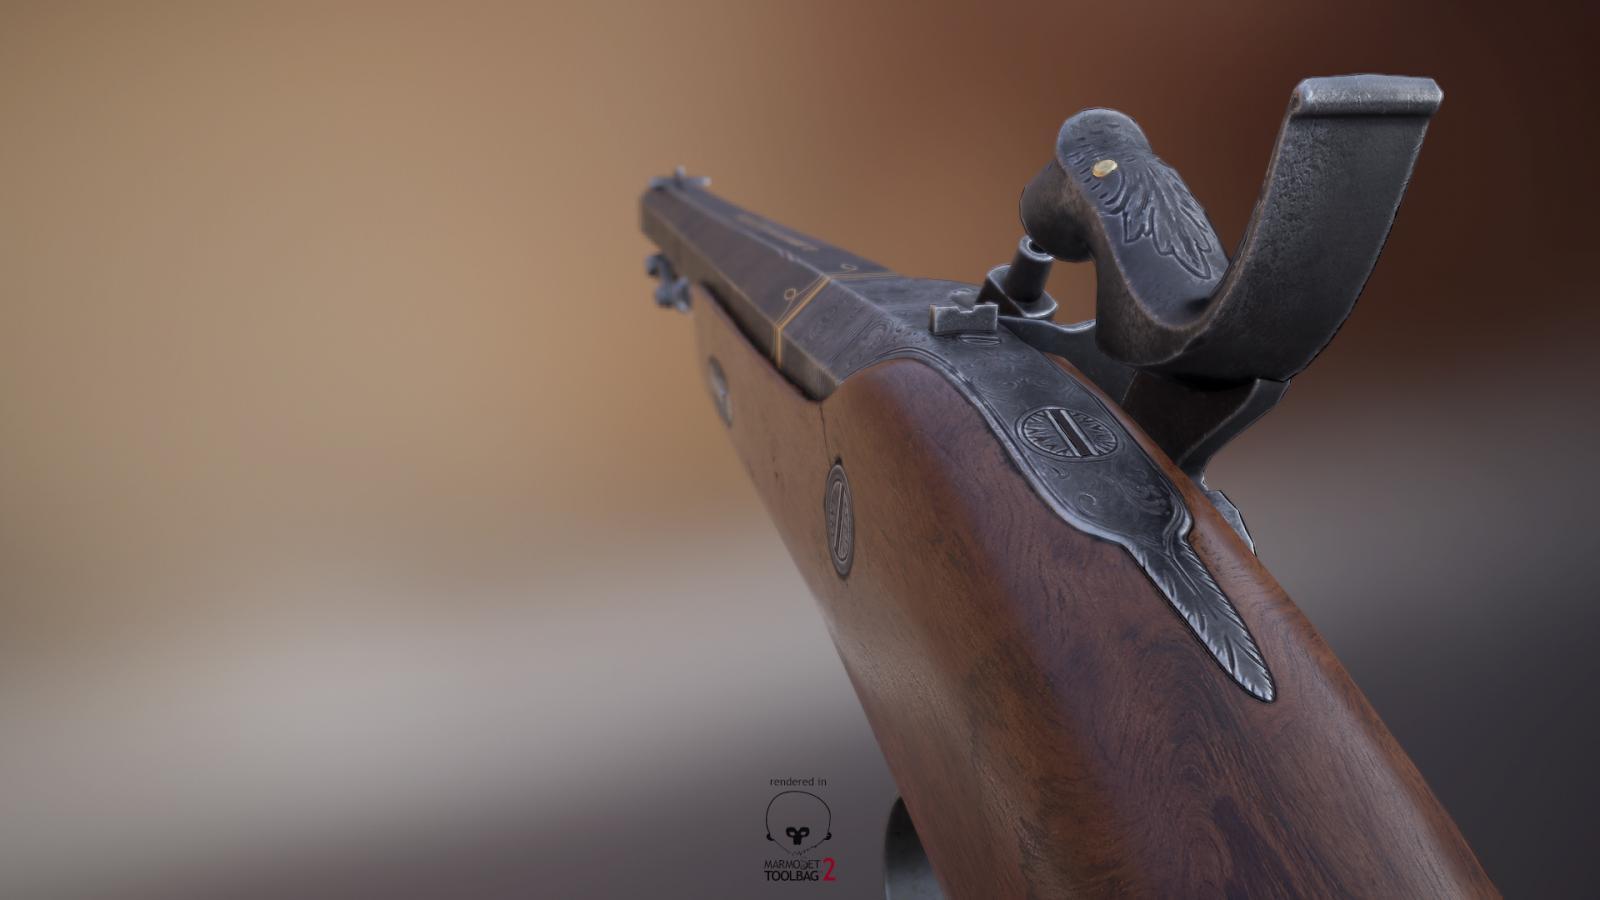 Capsule pistol fpview